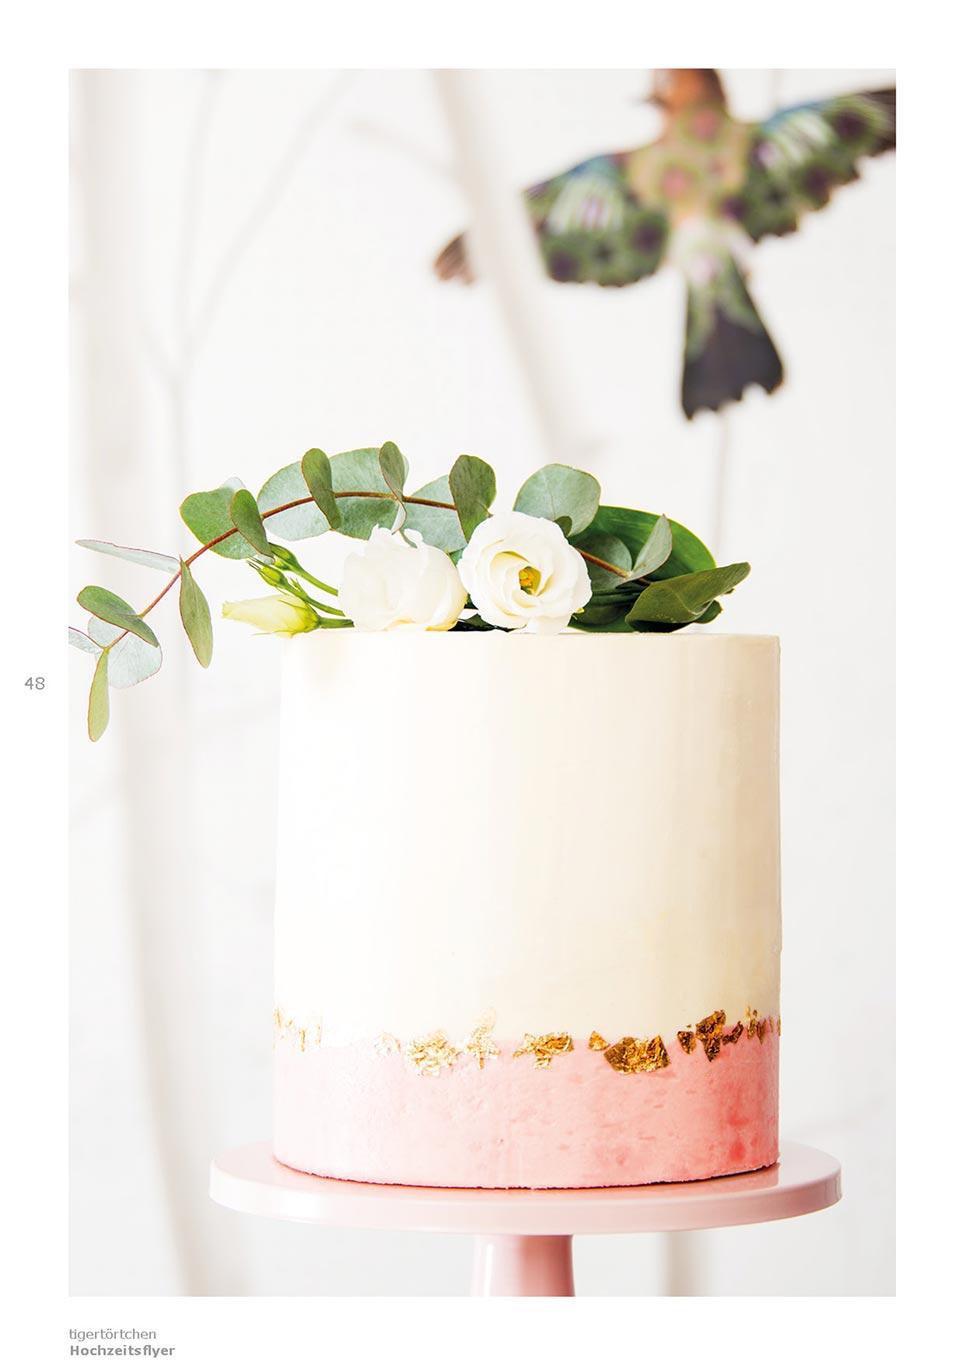 Design Torte Hochzeitstorte ausgefallen kleine Hochzeit